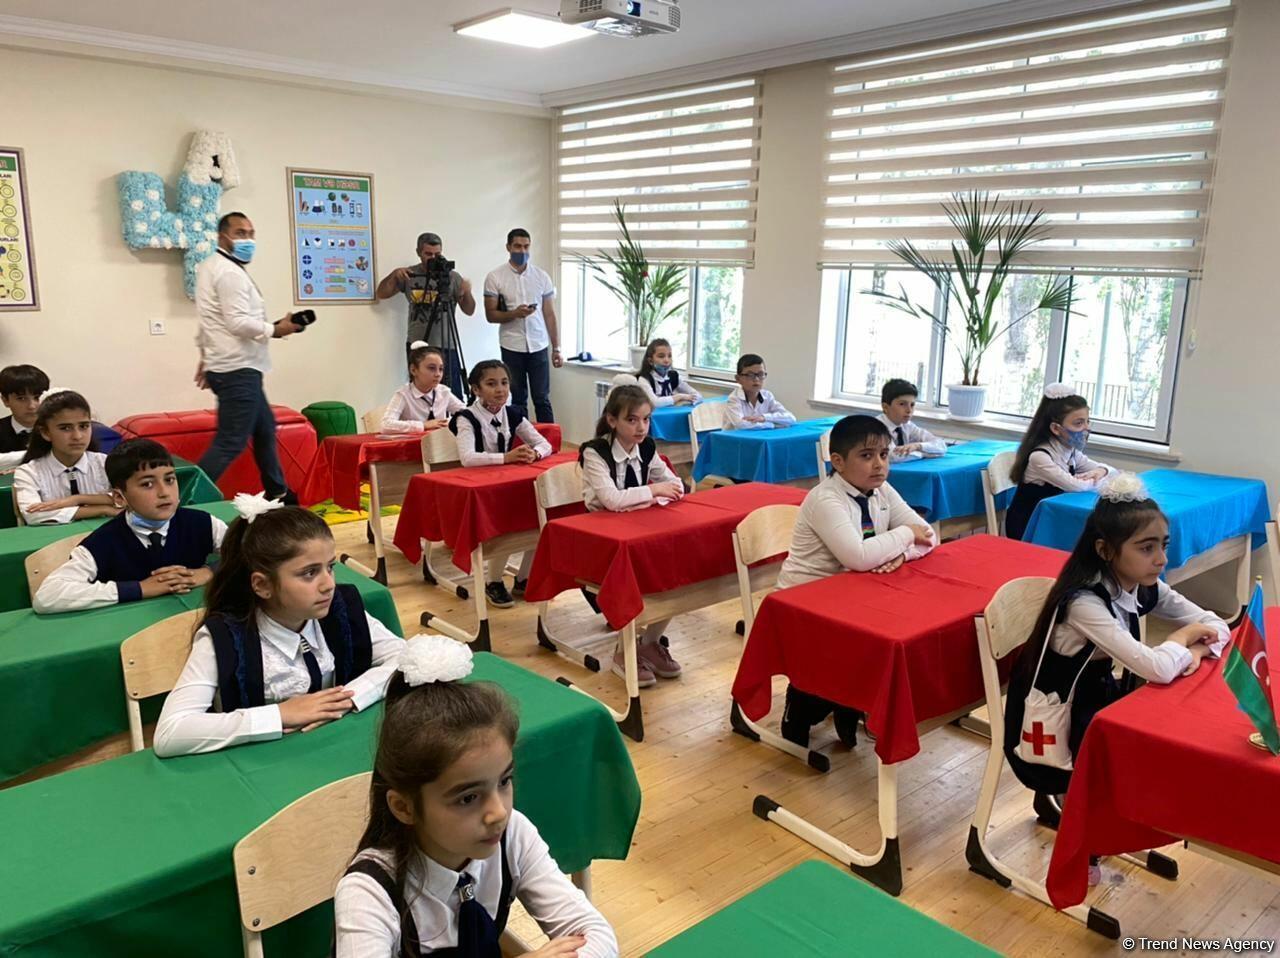 ЕС выделил более €740 тыс. на улучшение системы образования в Азербайджане